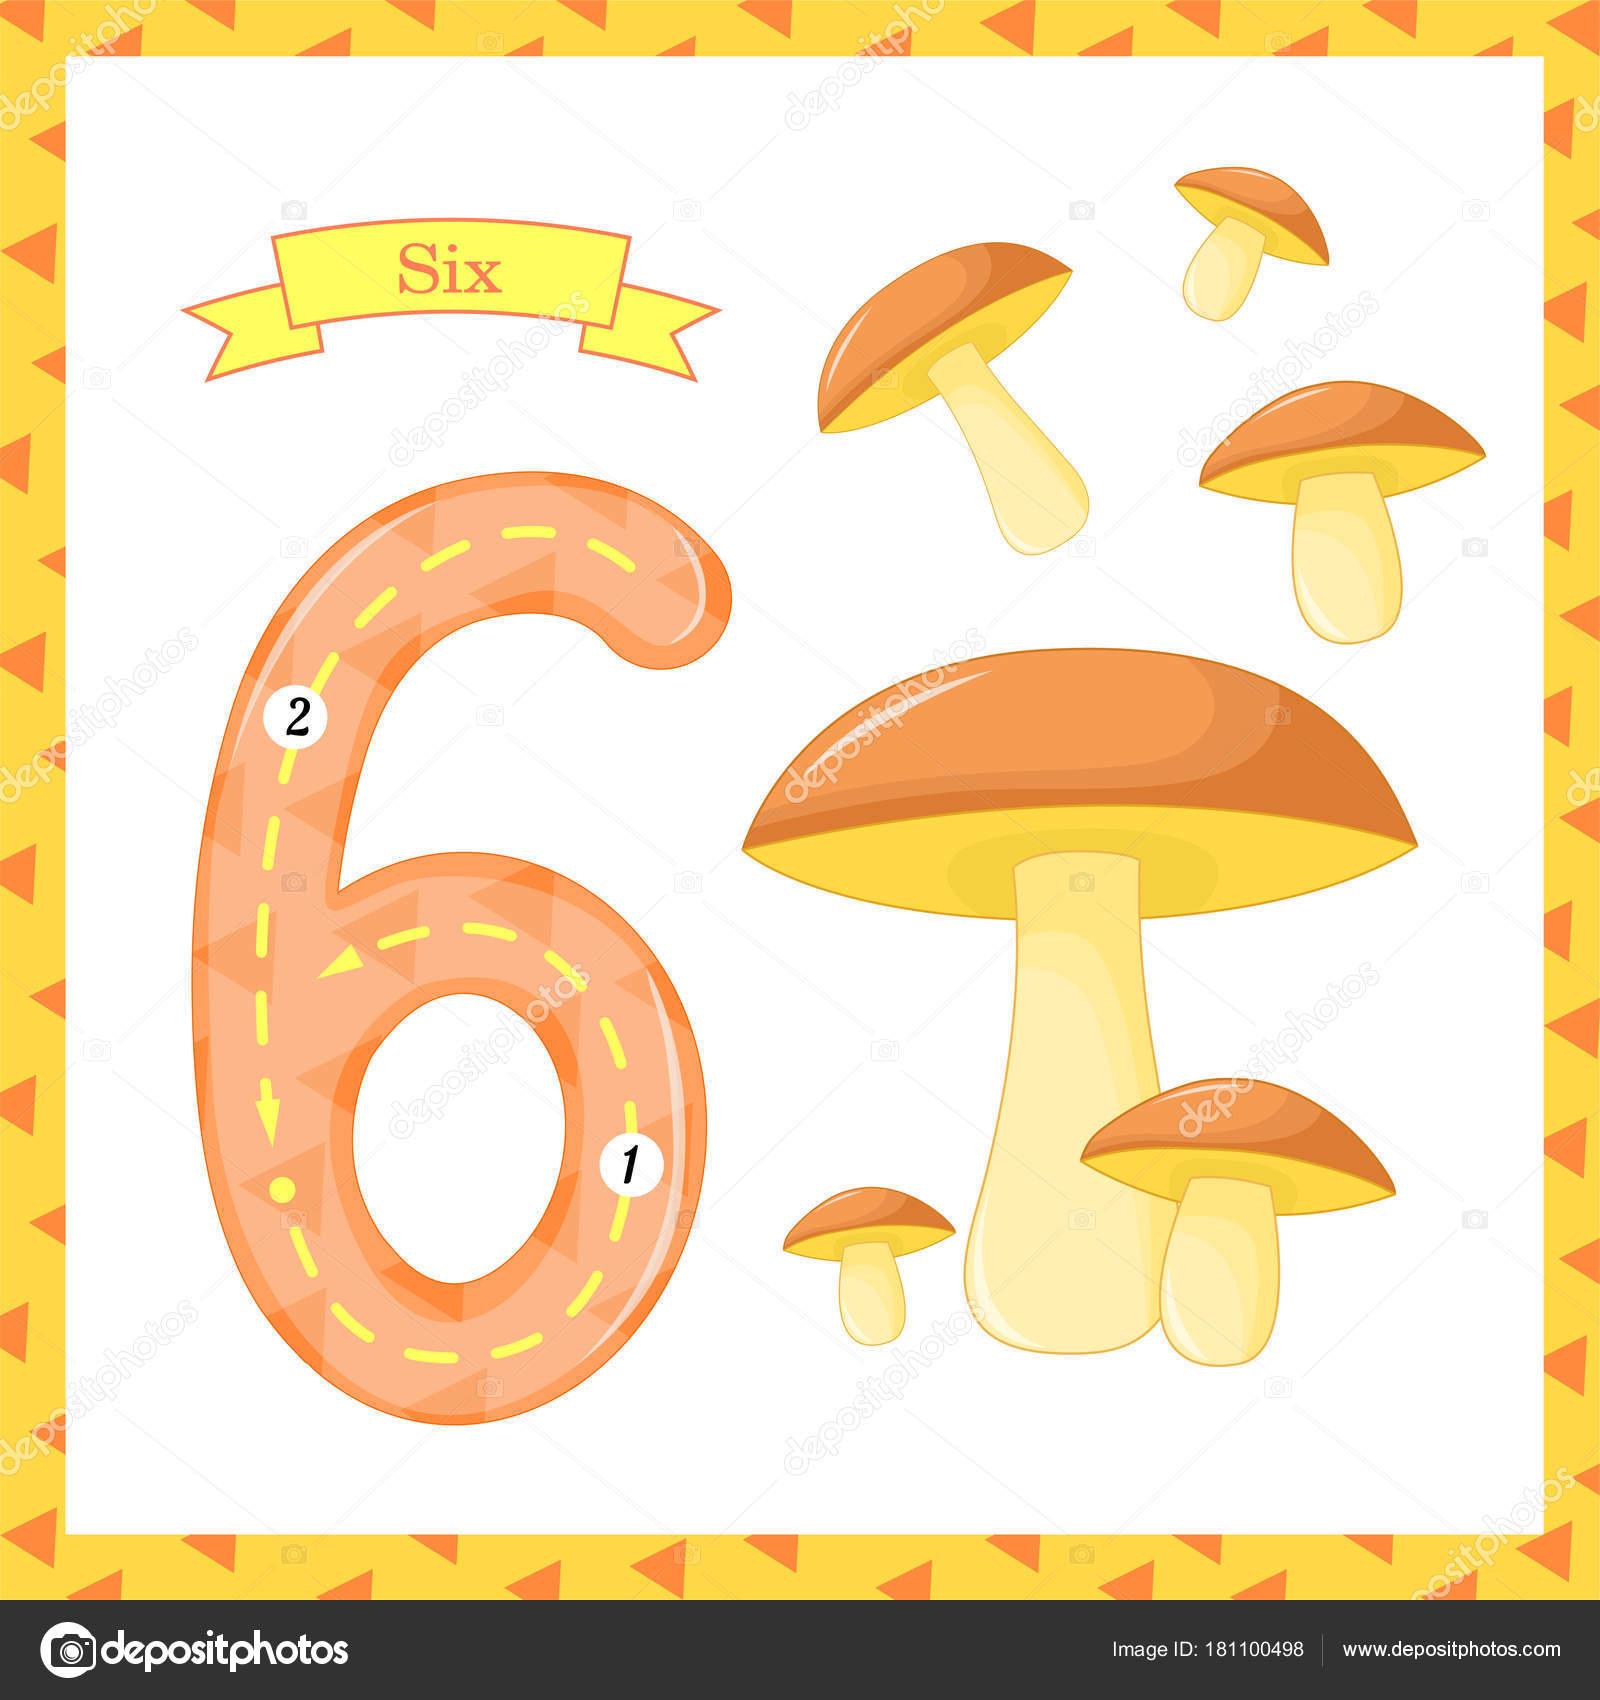 Süße Kinder Flashcard Nummer eins Tracing mit 6 Pilze für Kinder ...